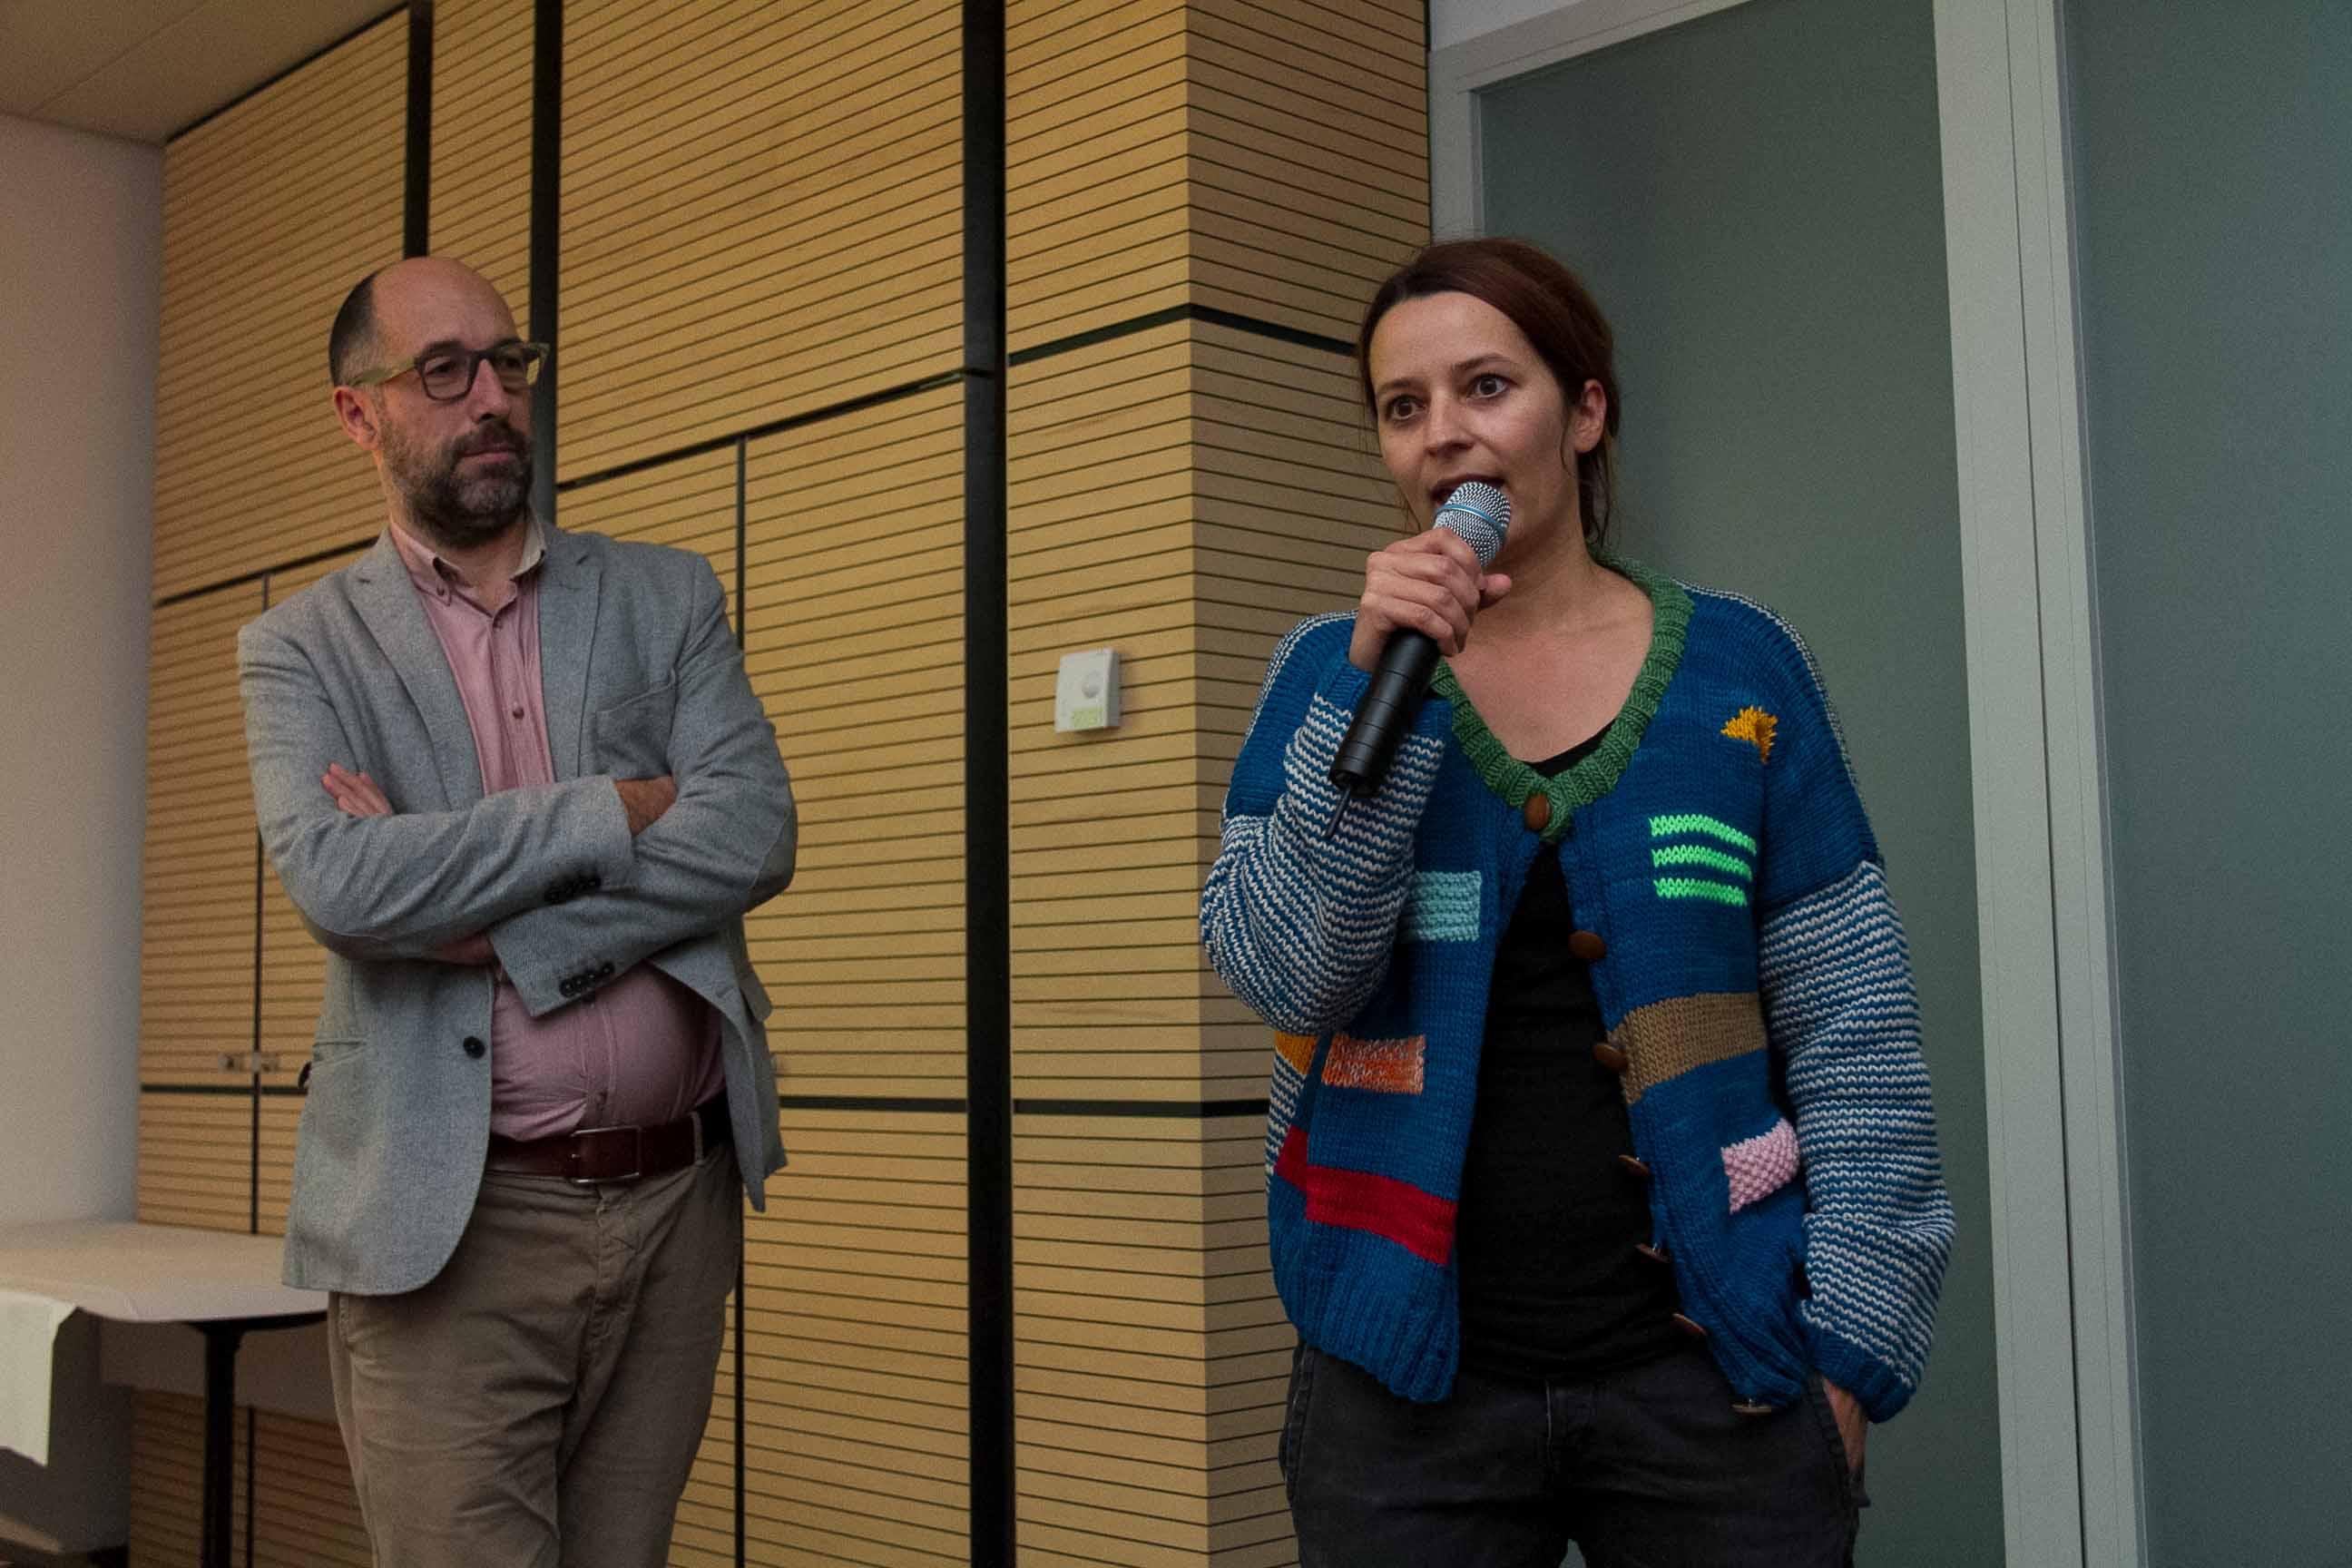 Fragen zu wemakeit.ch am Web Monday bei Tamedia